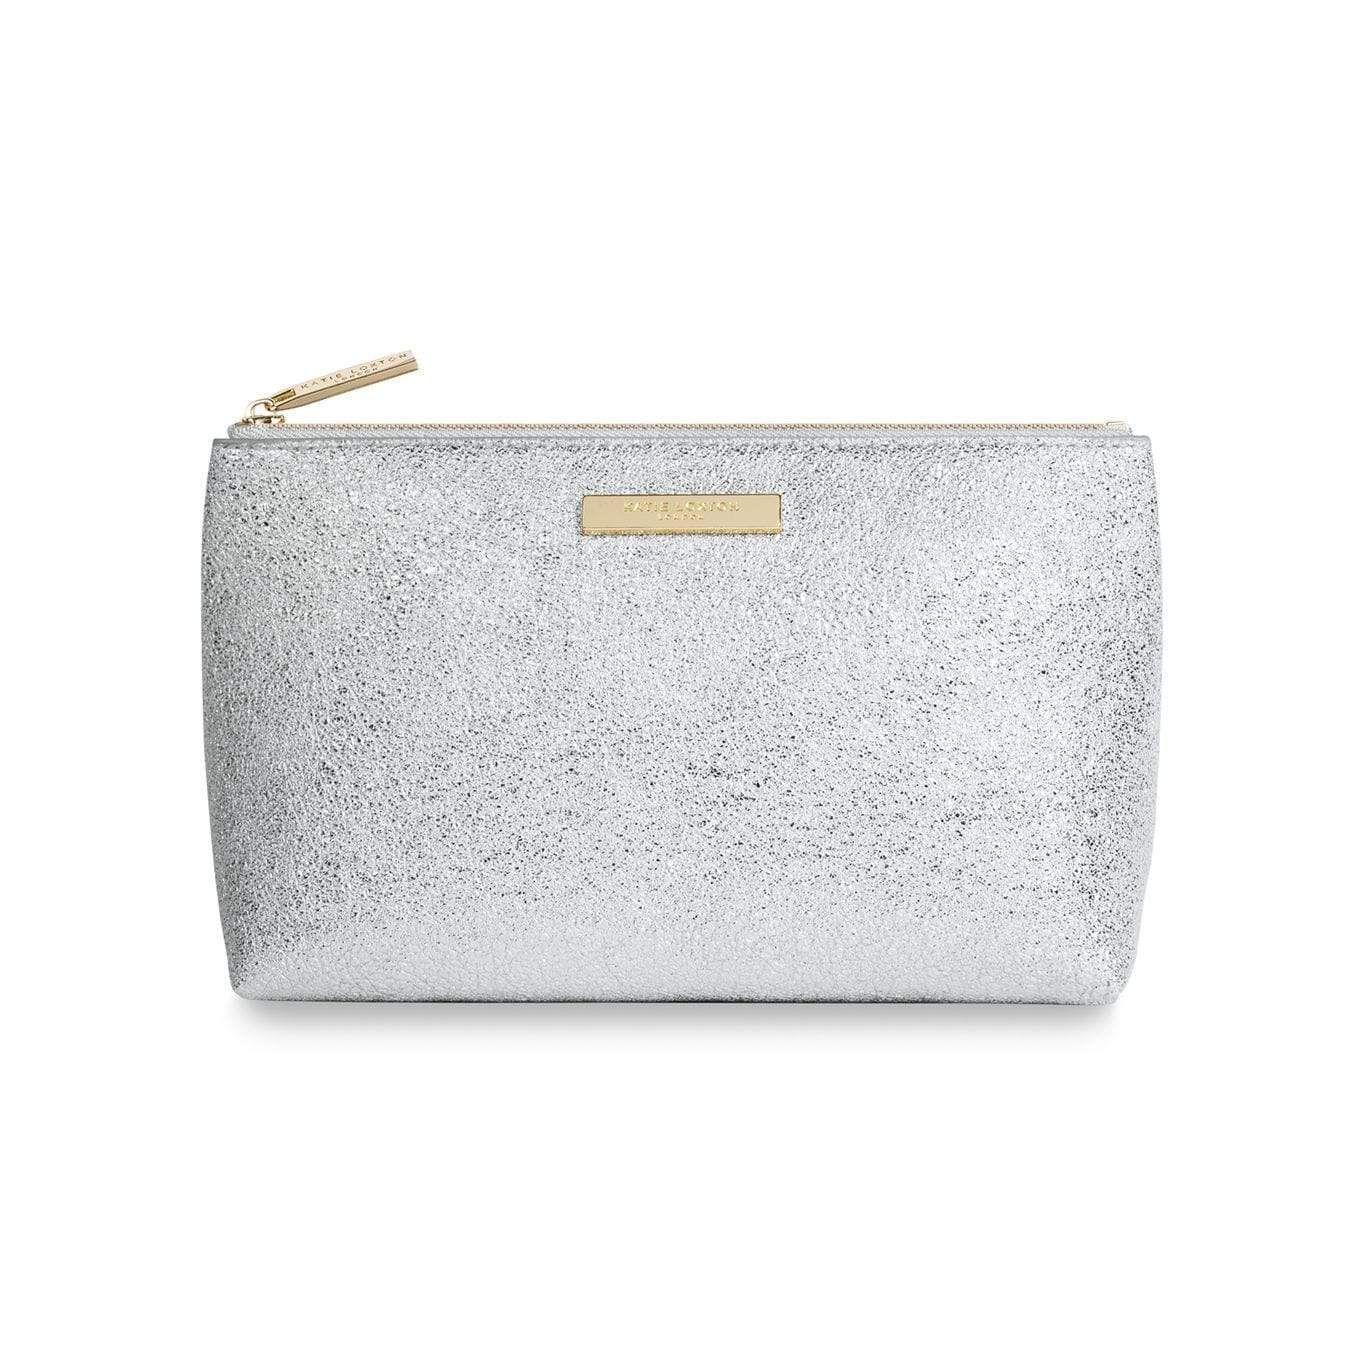 Katie Loxton Metallic Silver Mia Make Up Tasche KLB384 S – Einheitsgröße